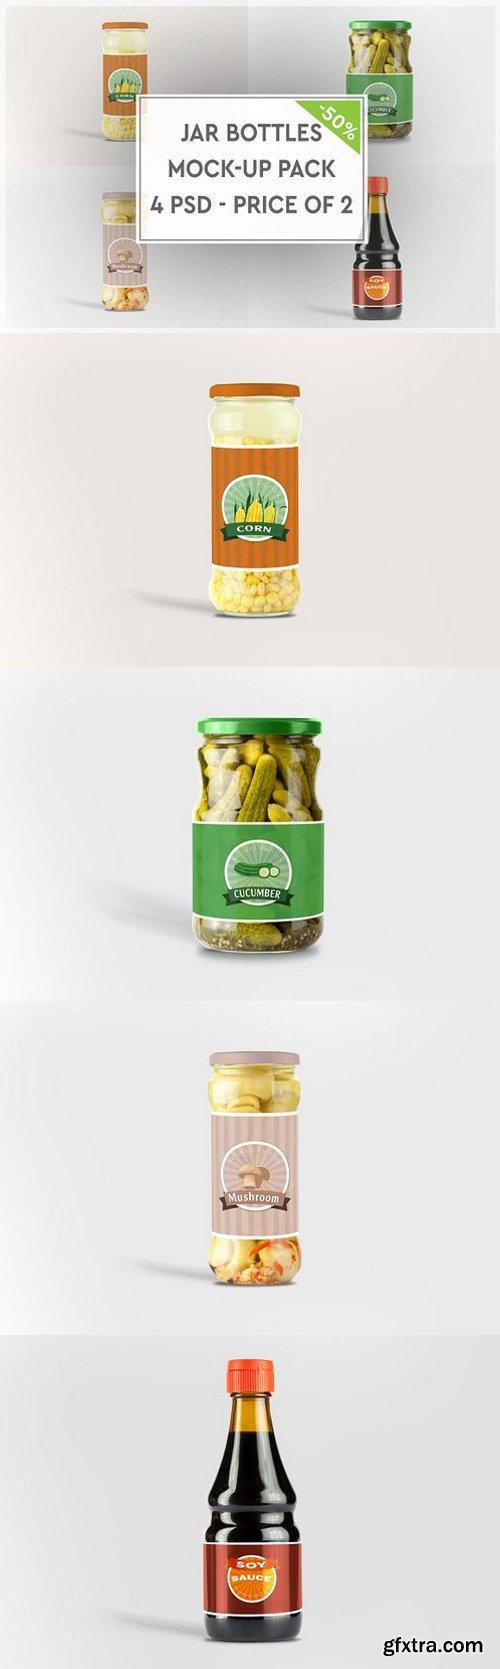 CM - Jar Bottles Mock-up Pack 1088320